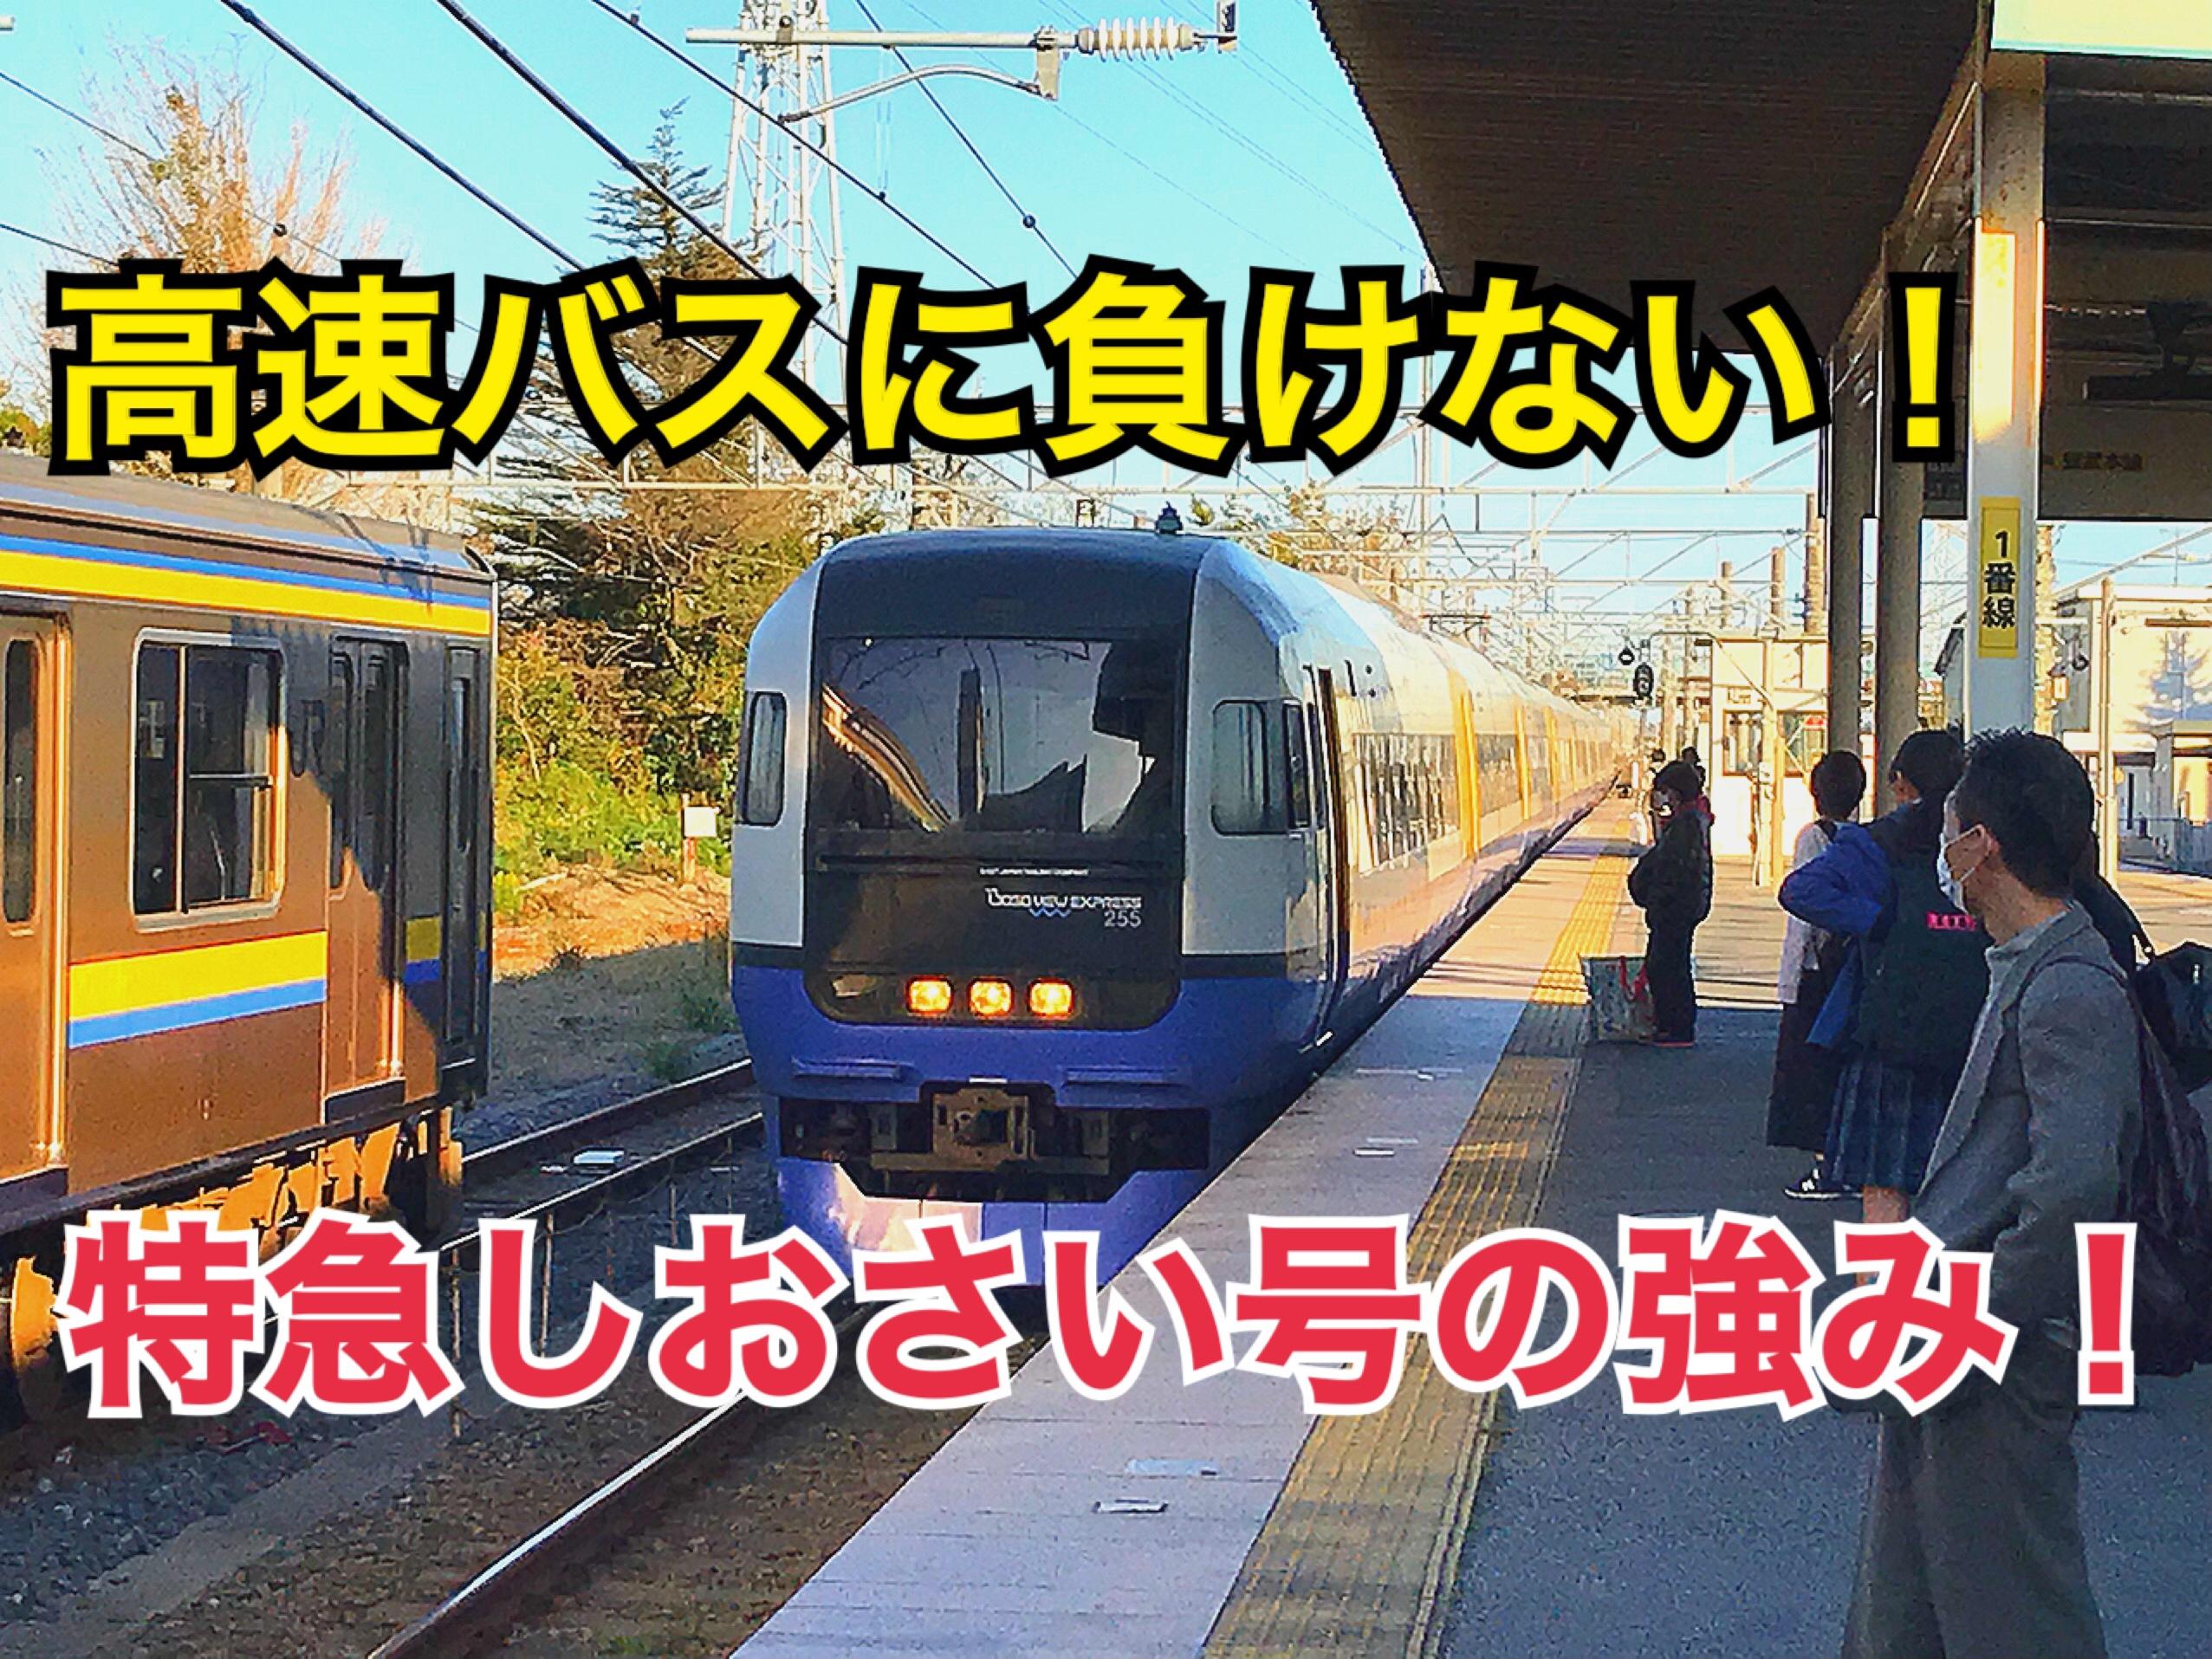 総武本線特急しおさい号に乗車!高速バスとの競合に強い理由はこれだ!【西東京千葉】